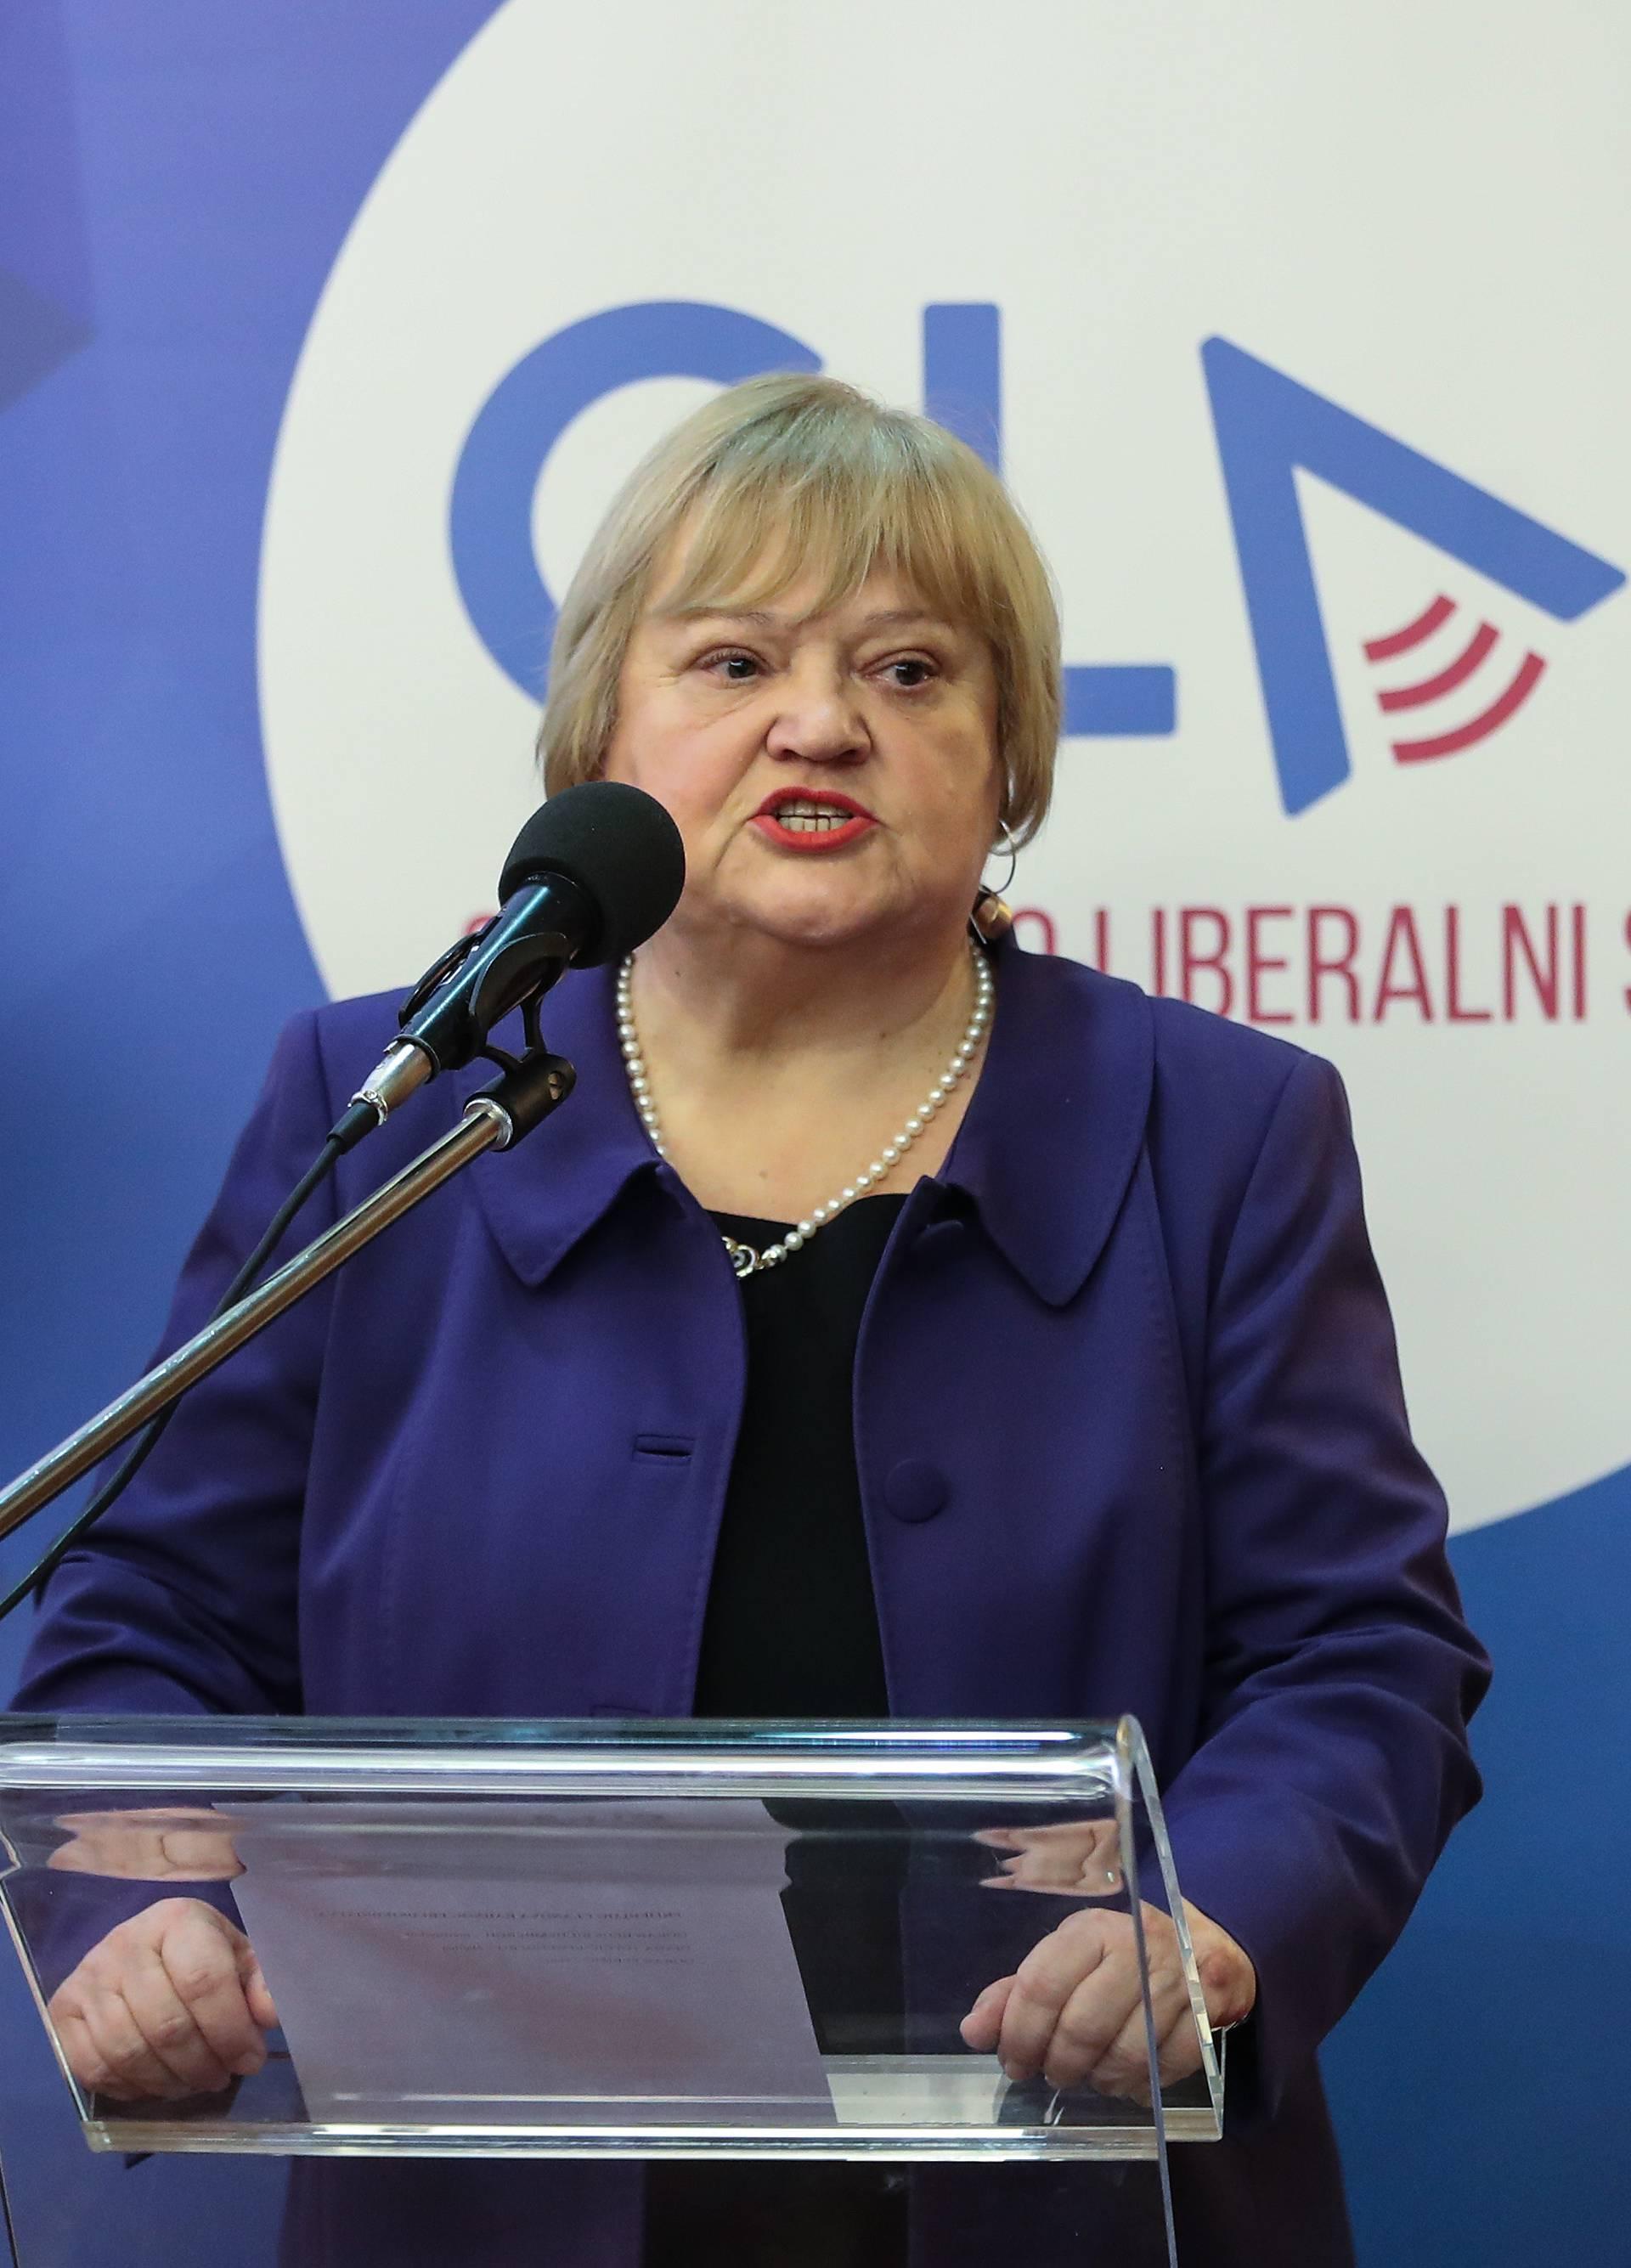 Zagreb: Izborna konvencija Građansko-liberalnog saveza